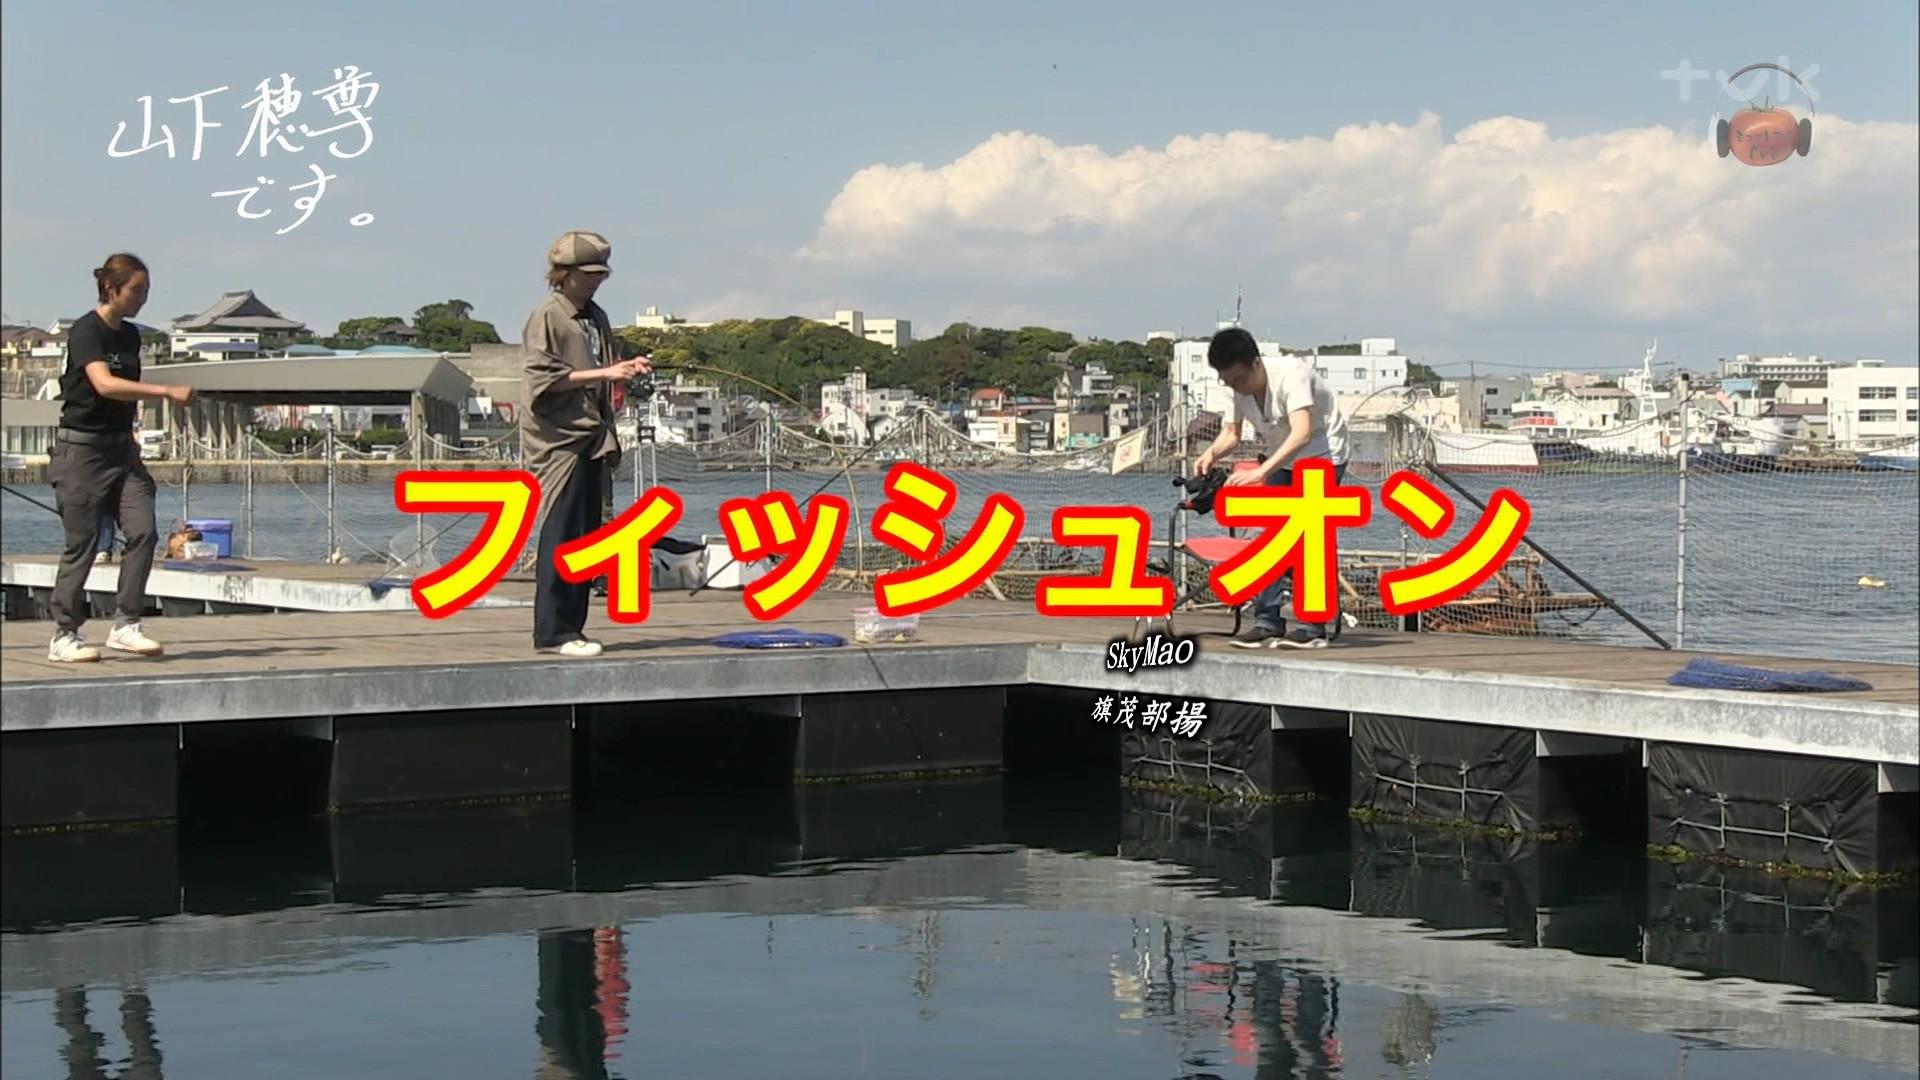 2017.07.14 全場(ミュートマ2).ts_20170715_003903.481